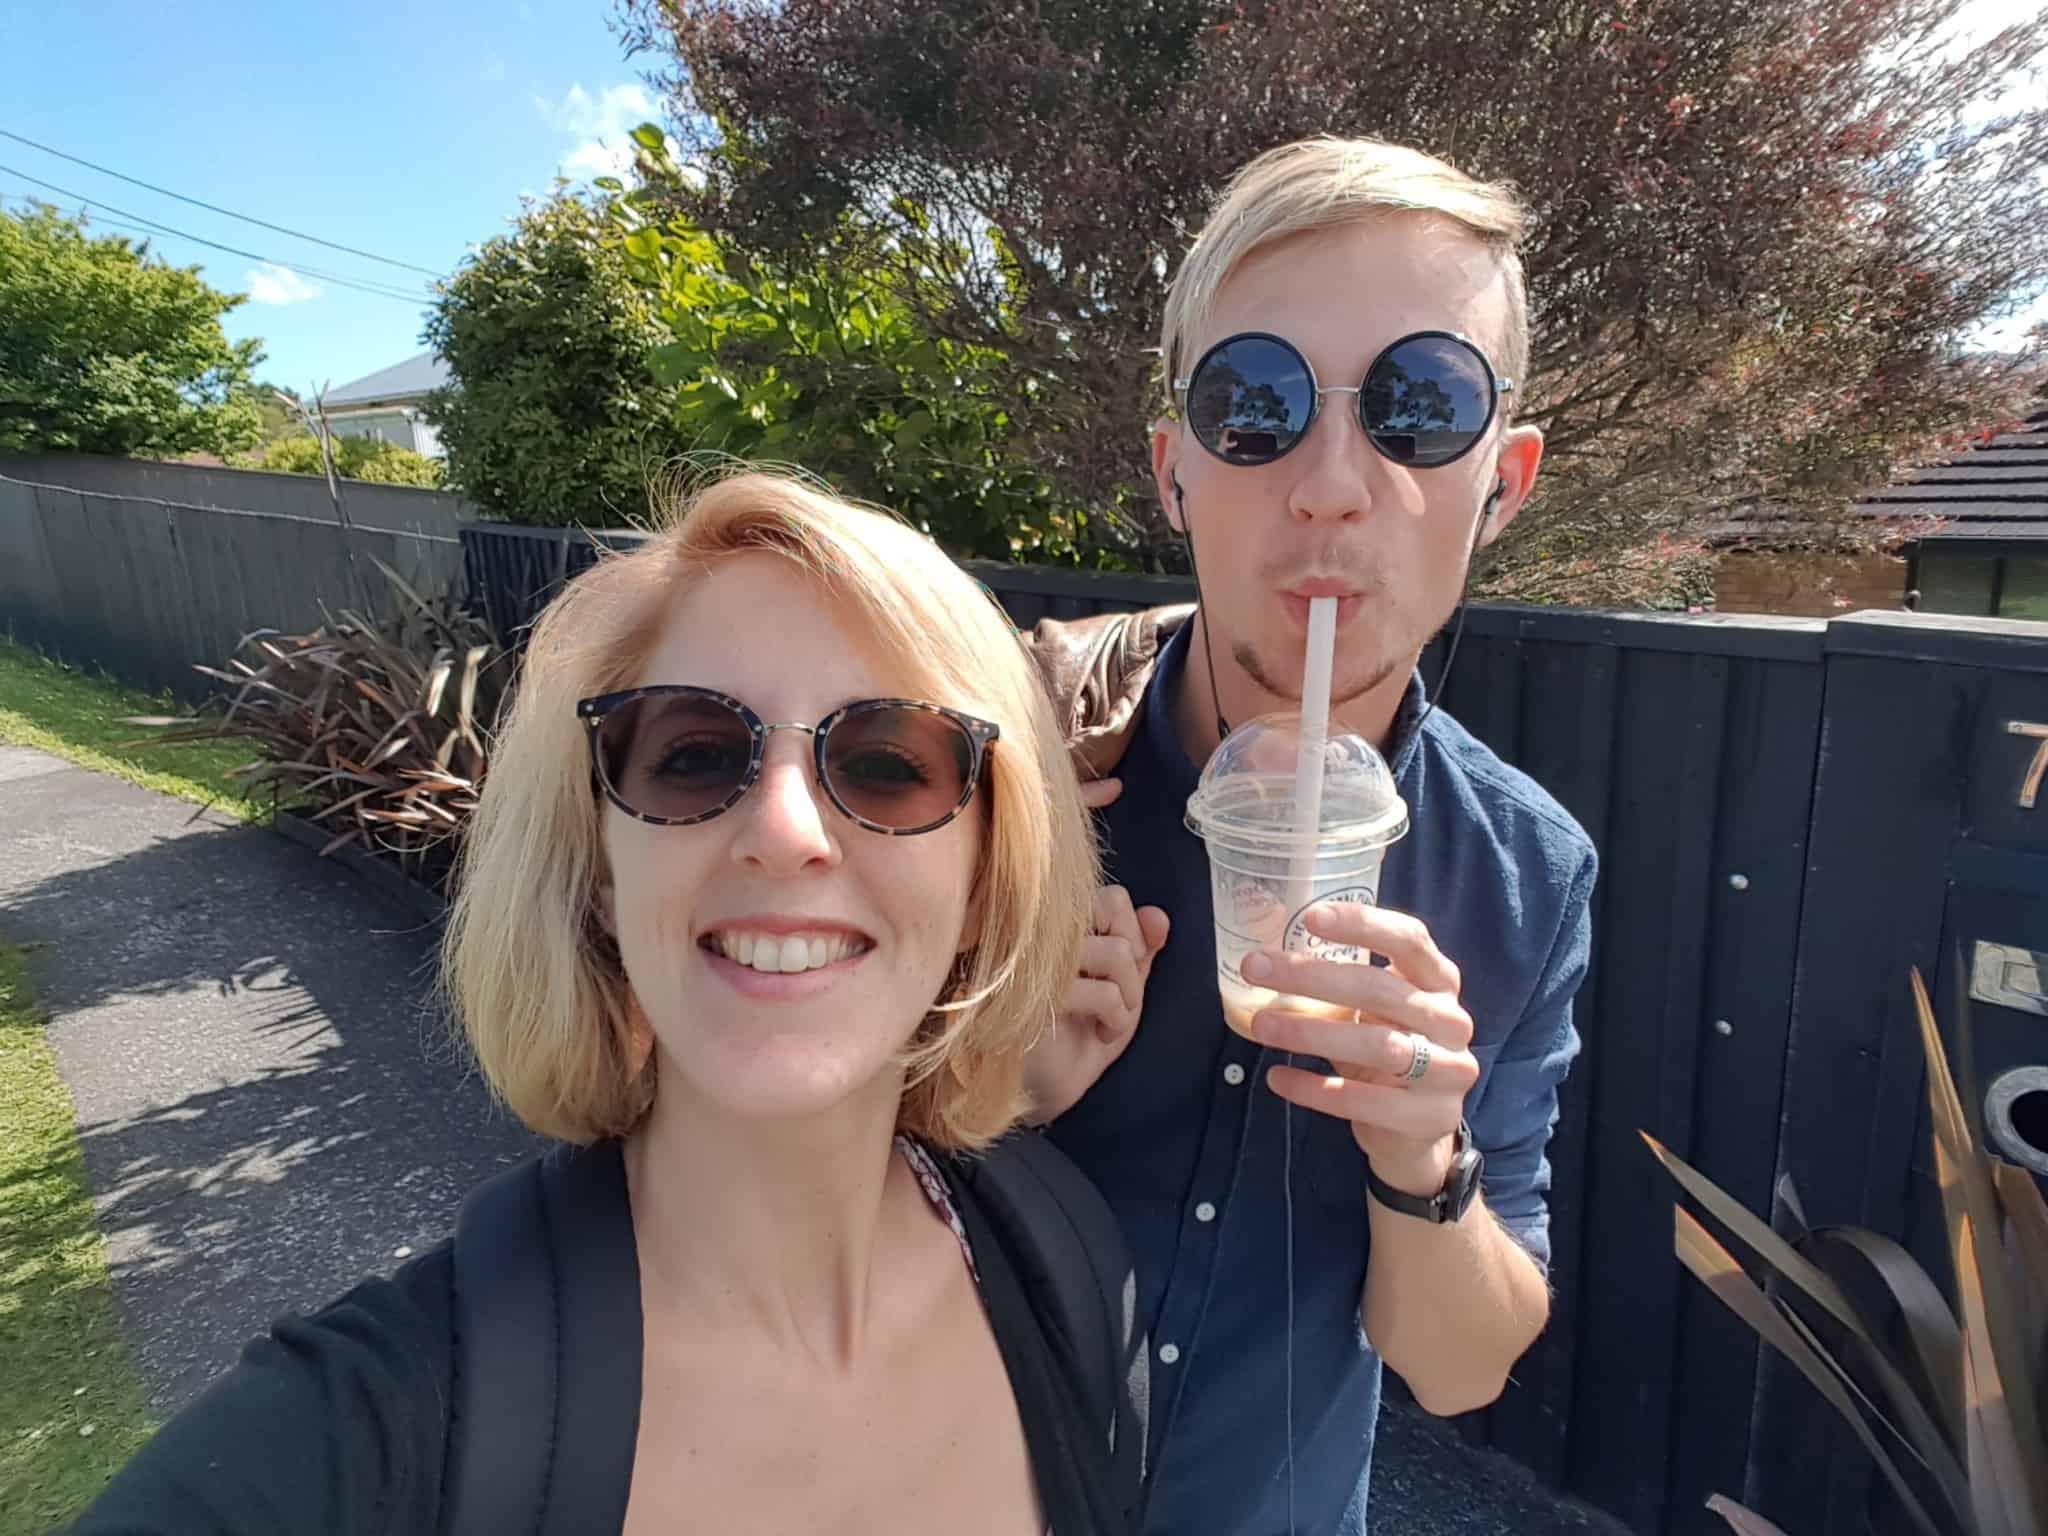 Nouvelle-Zélande, une semaine de HelpX chez la reine Lucy 👑 15